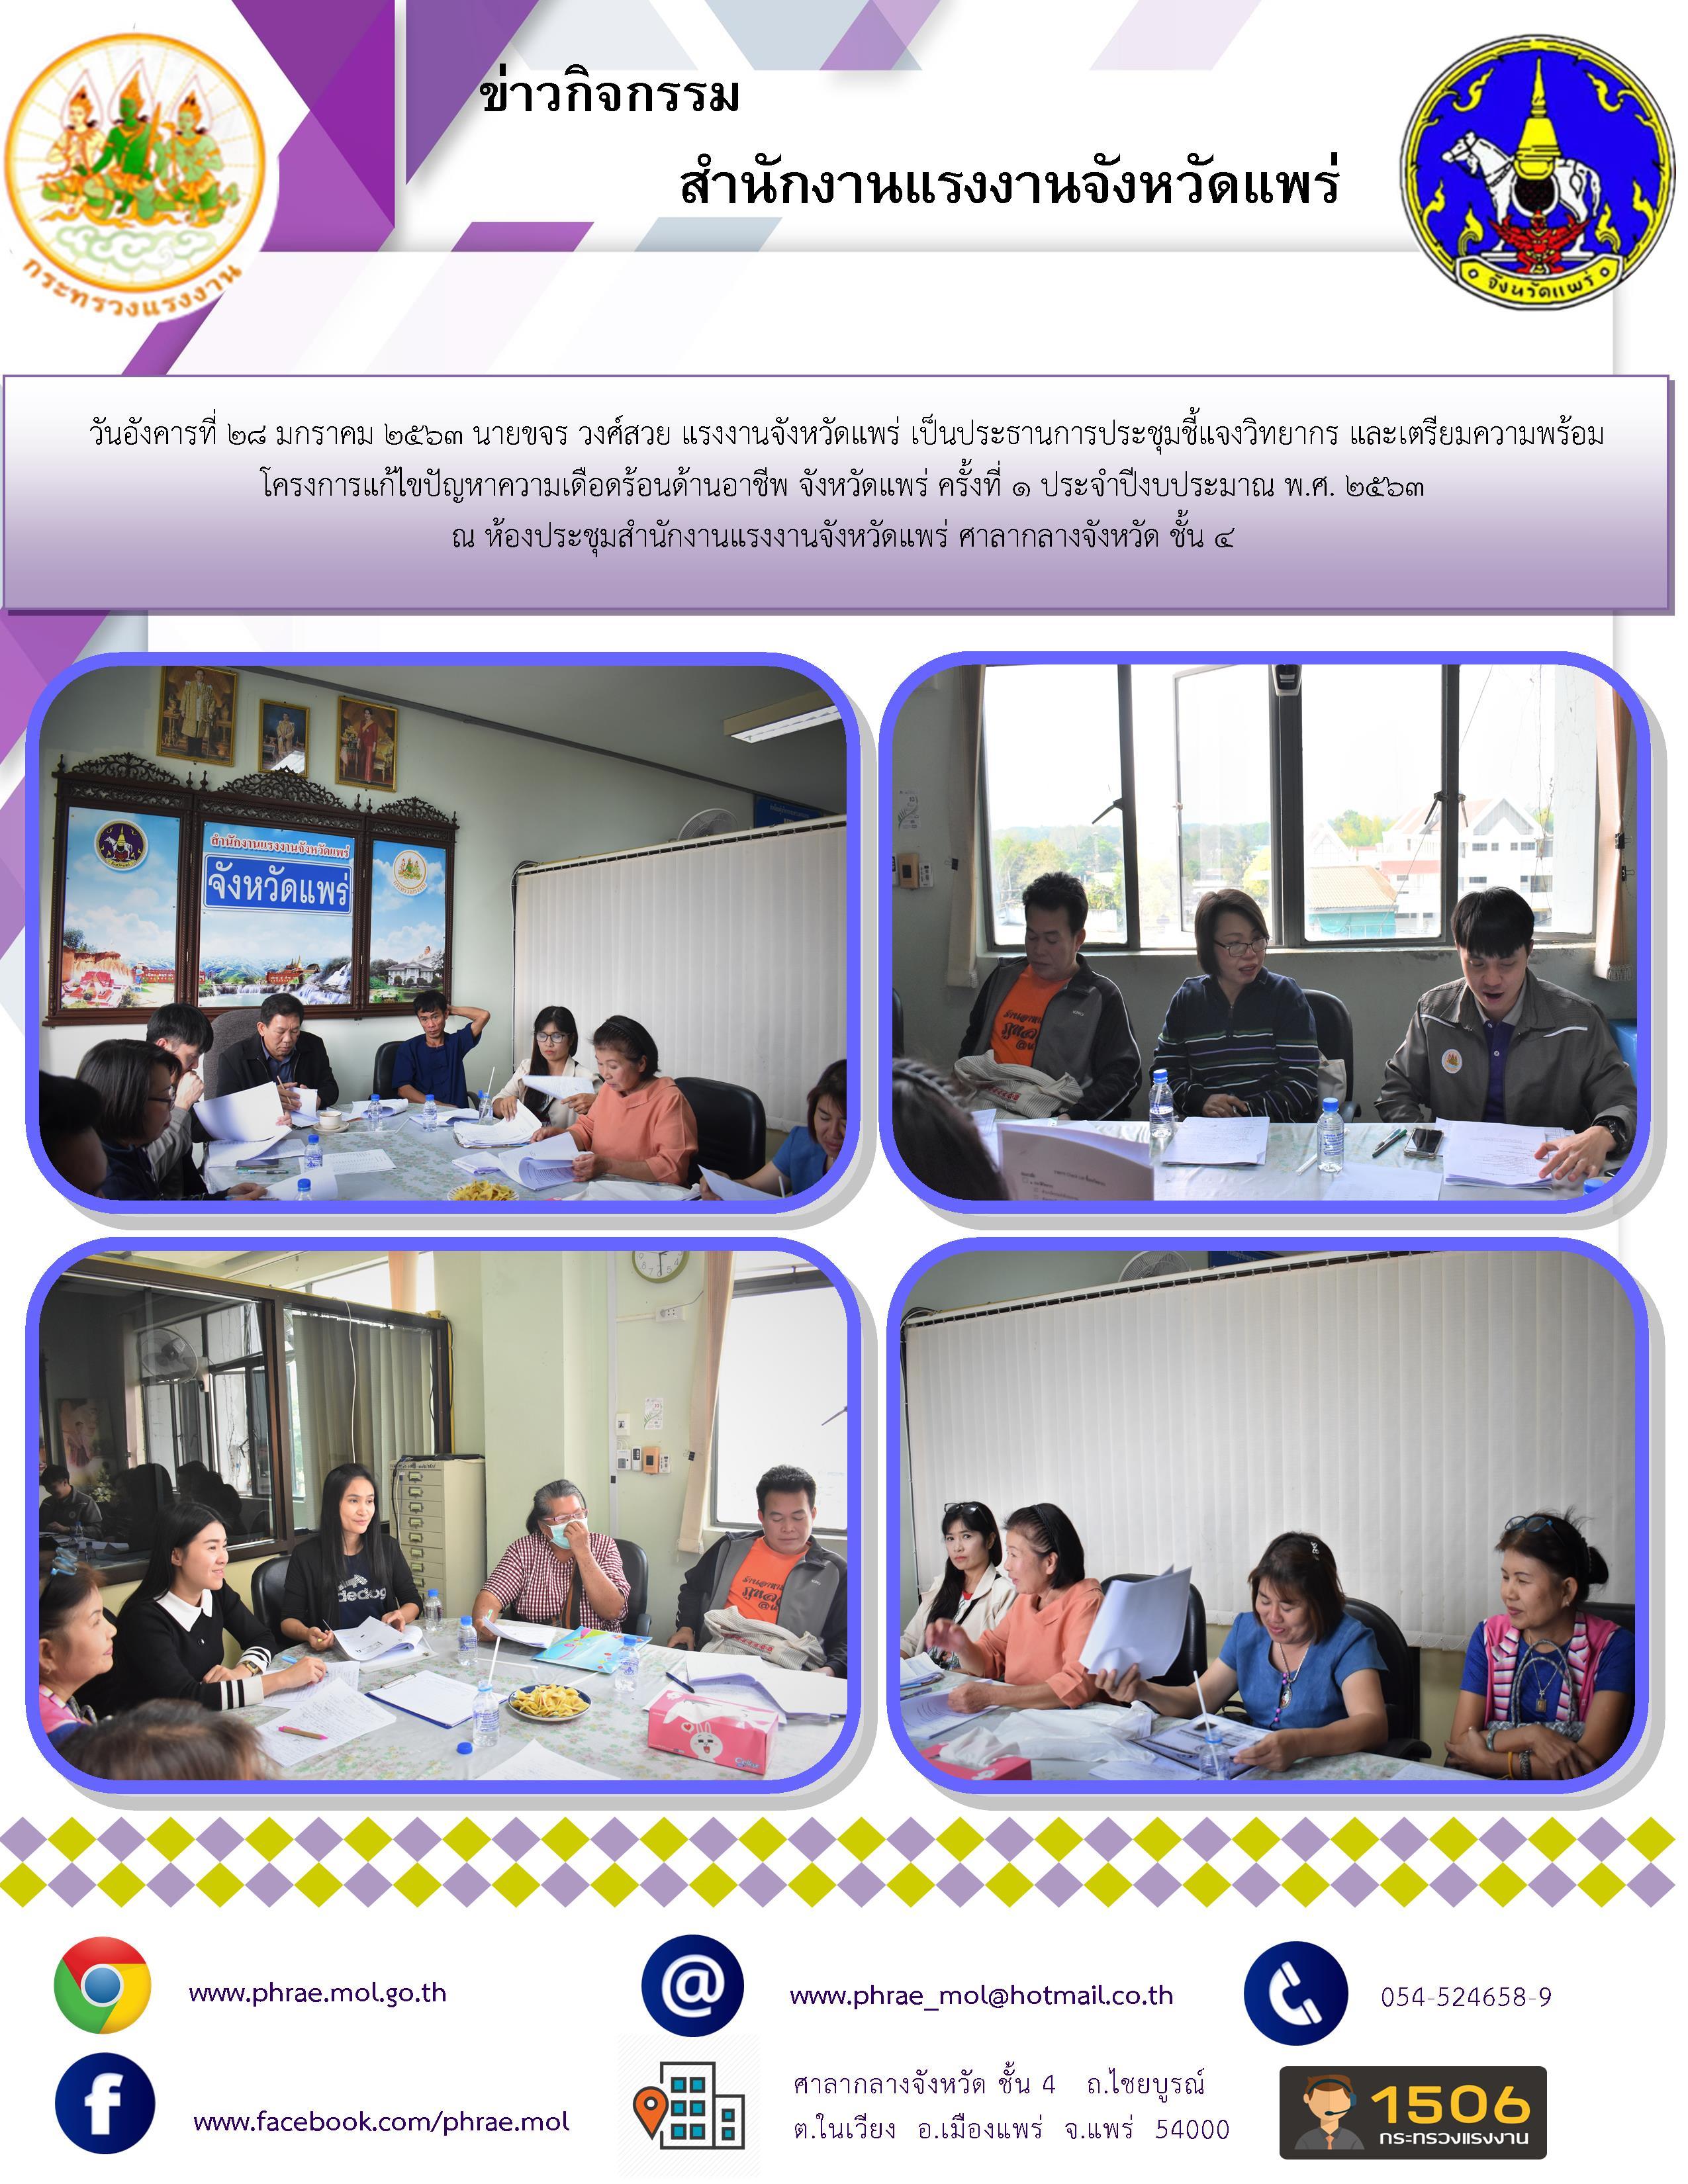 ประชุมชี้แจงวิทยากร และเตรียมความพร้อม โครงการแก้ไขปัญหาความเดือดร้อนด้านอาชีพ จังหวัดแพร่ ครั้งที่ 1 ประจำปีงบประมาณ พ.ศ. 2563